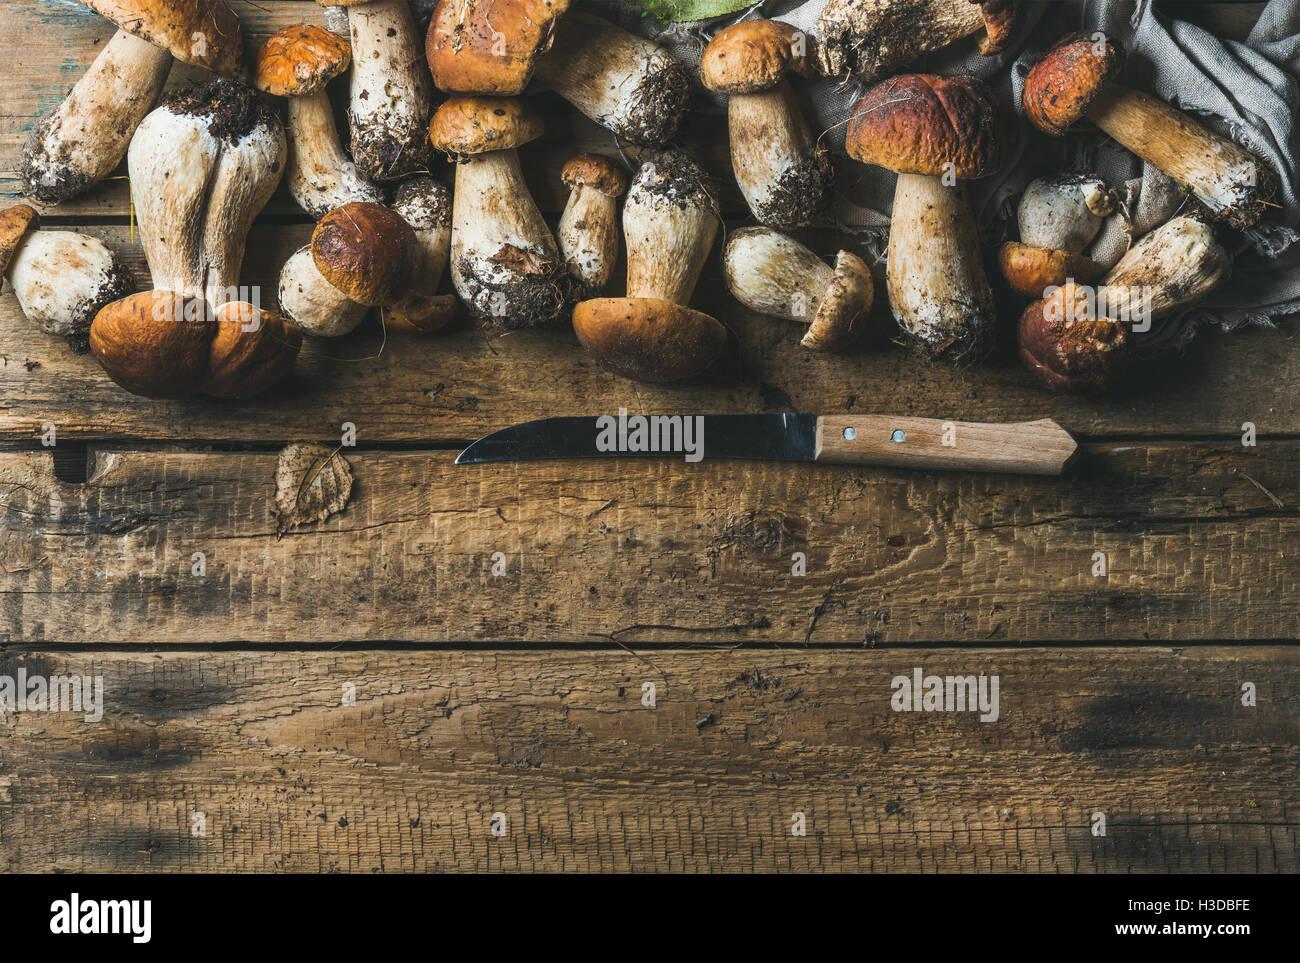 Setas blancas y cuchillo sobre fondo de madera rústica Imagen De Stock